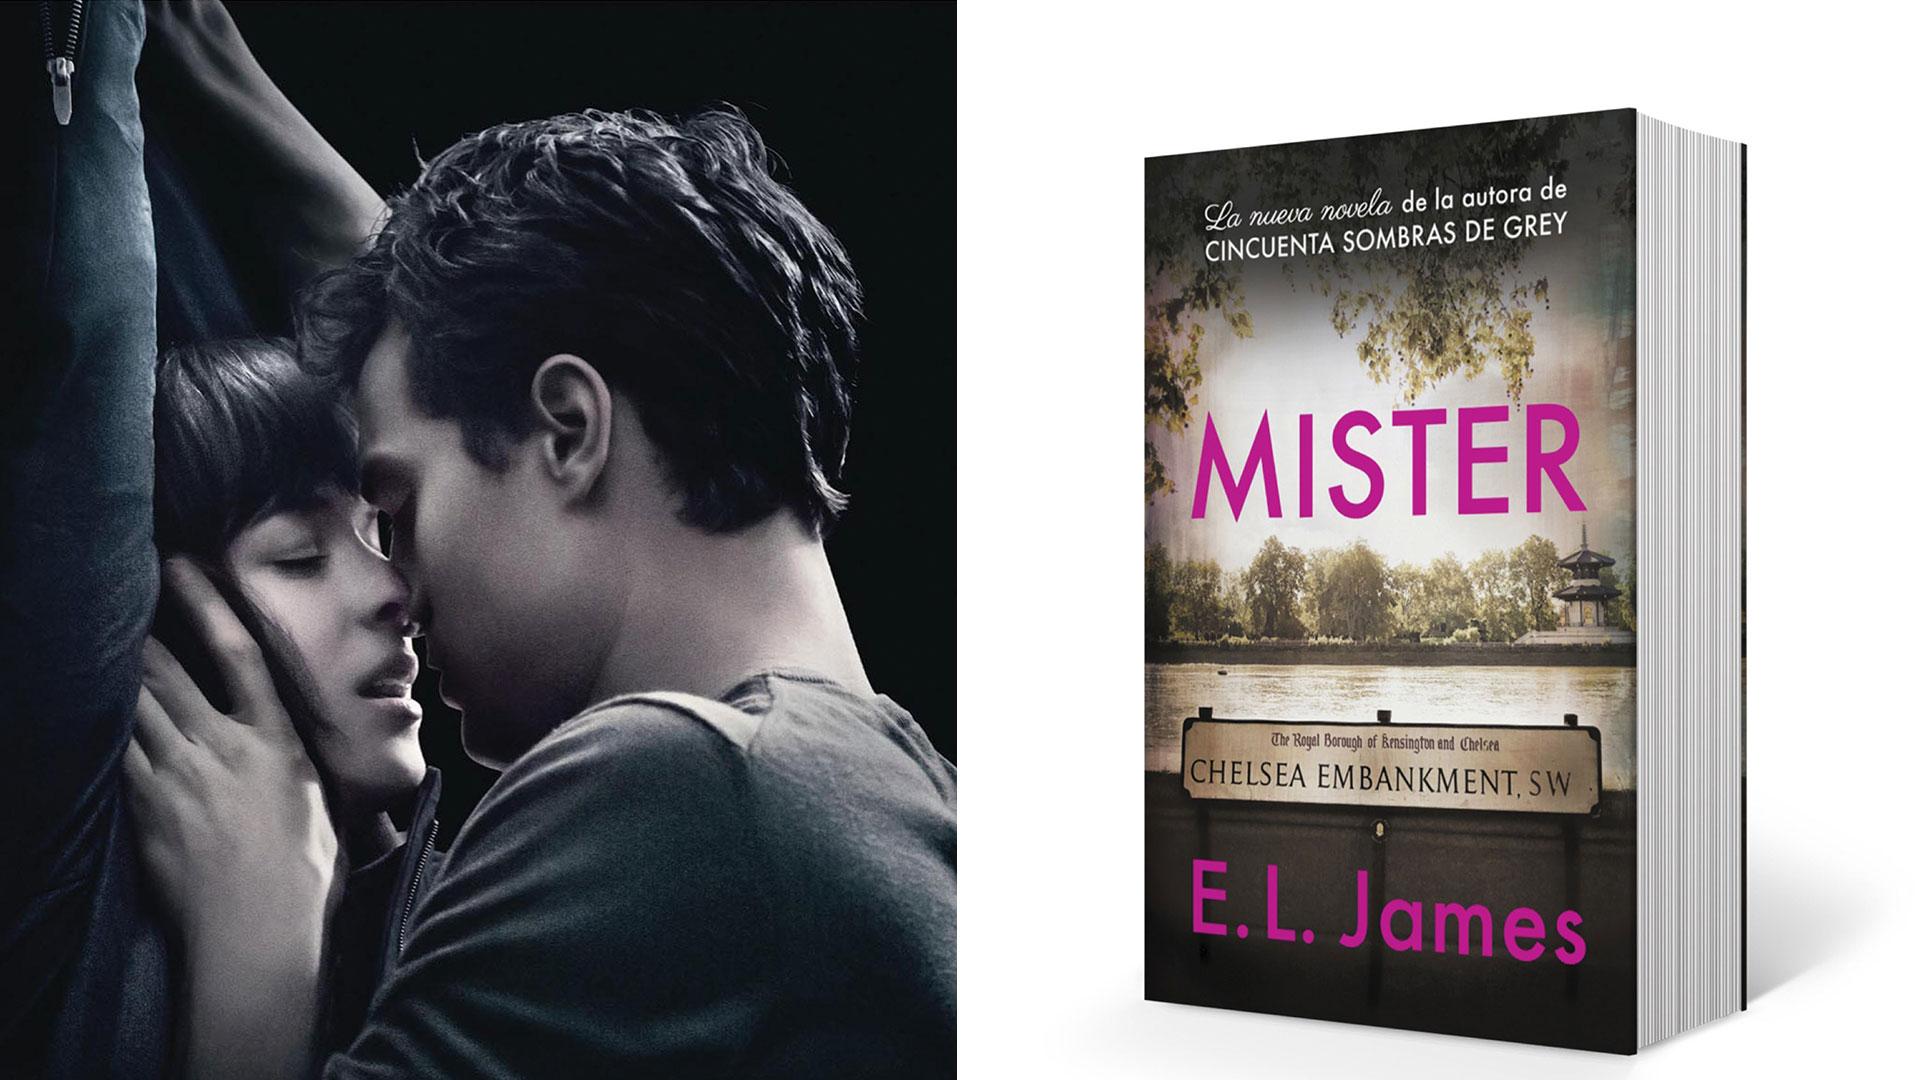 E.L. James: el desafío de escribir Mister después del éxito ...